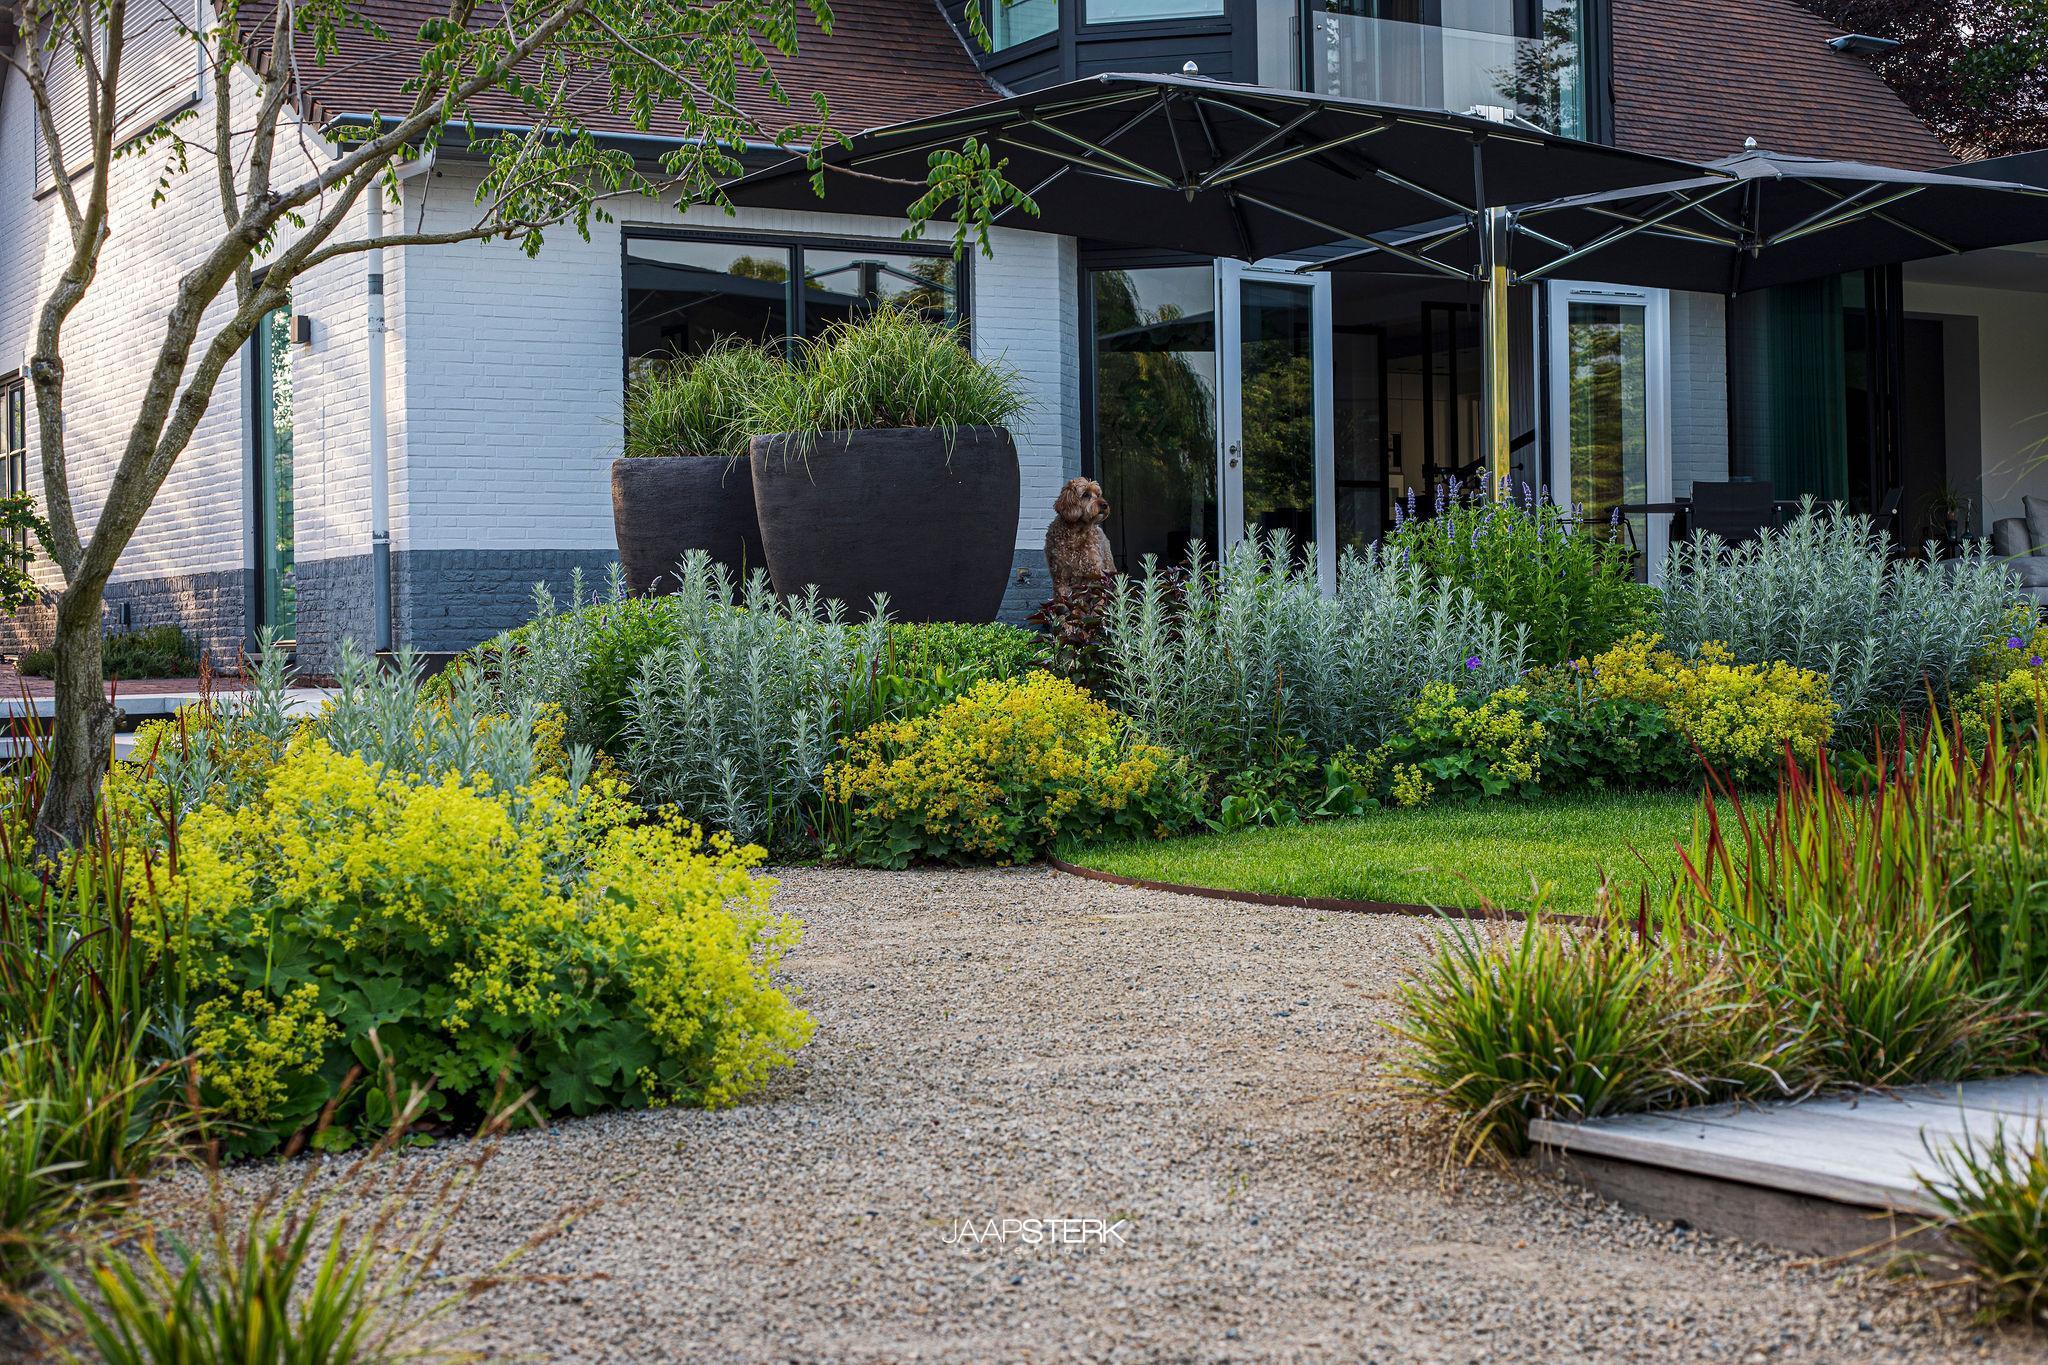 Vacature Tuinarchitect / Ontwerper van particuliere tuinen.